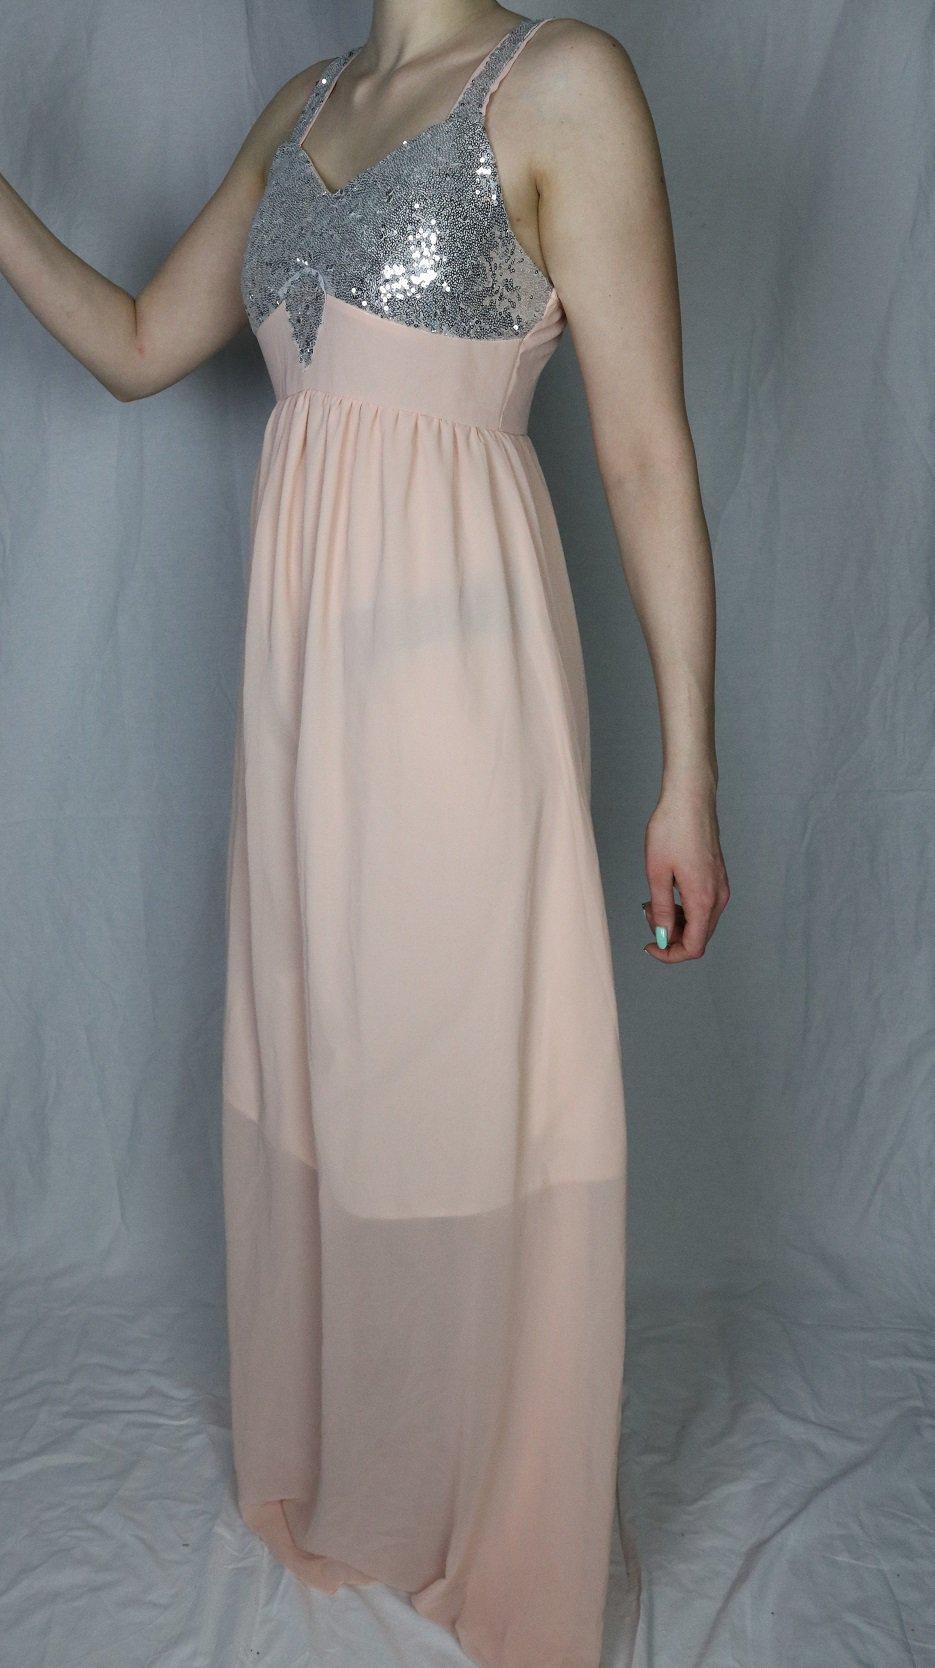 kleid ballkleid abiball, rose, rosa, apricot, glitzer, pailletten, lang,  hochzeit, brautjungfer, hochzeitskleid